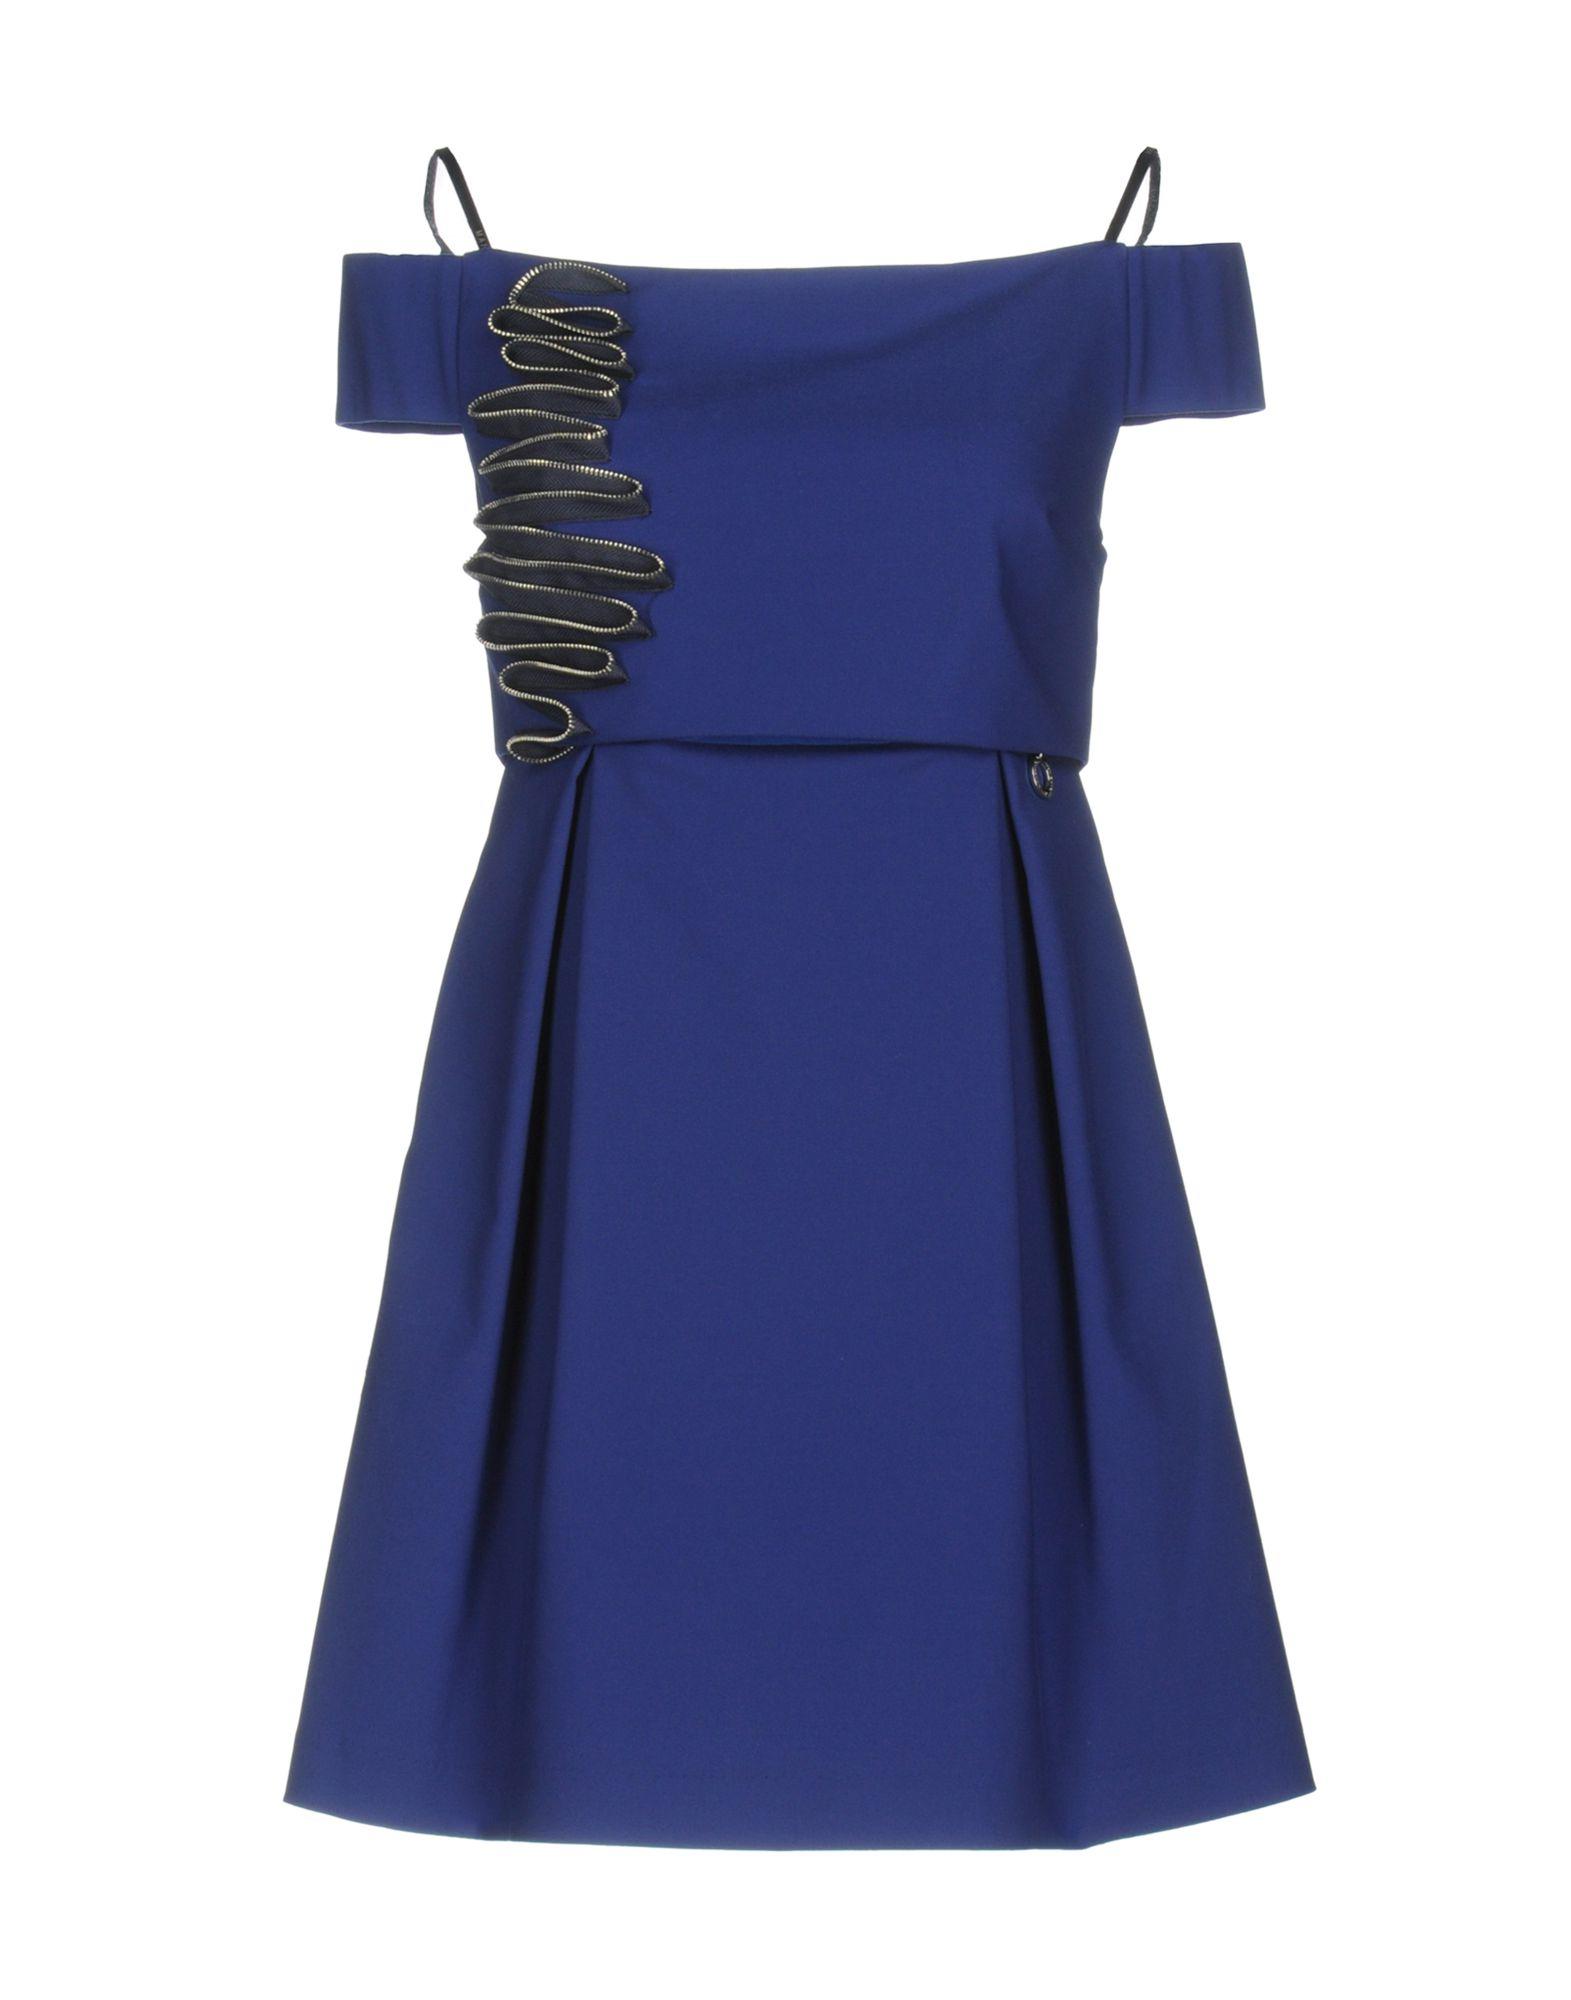 Vestito Corto Mangano Donna - Acquista online su yPrFbGL